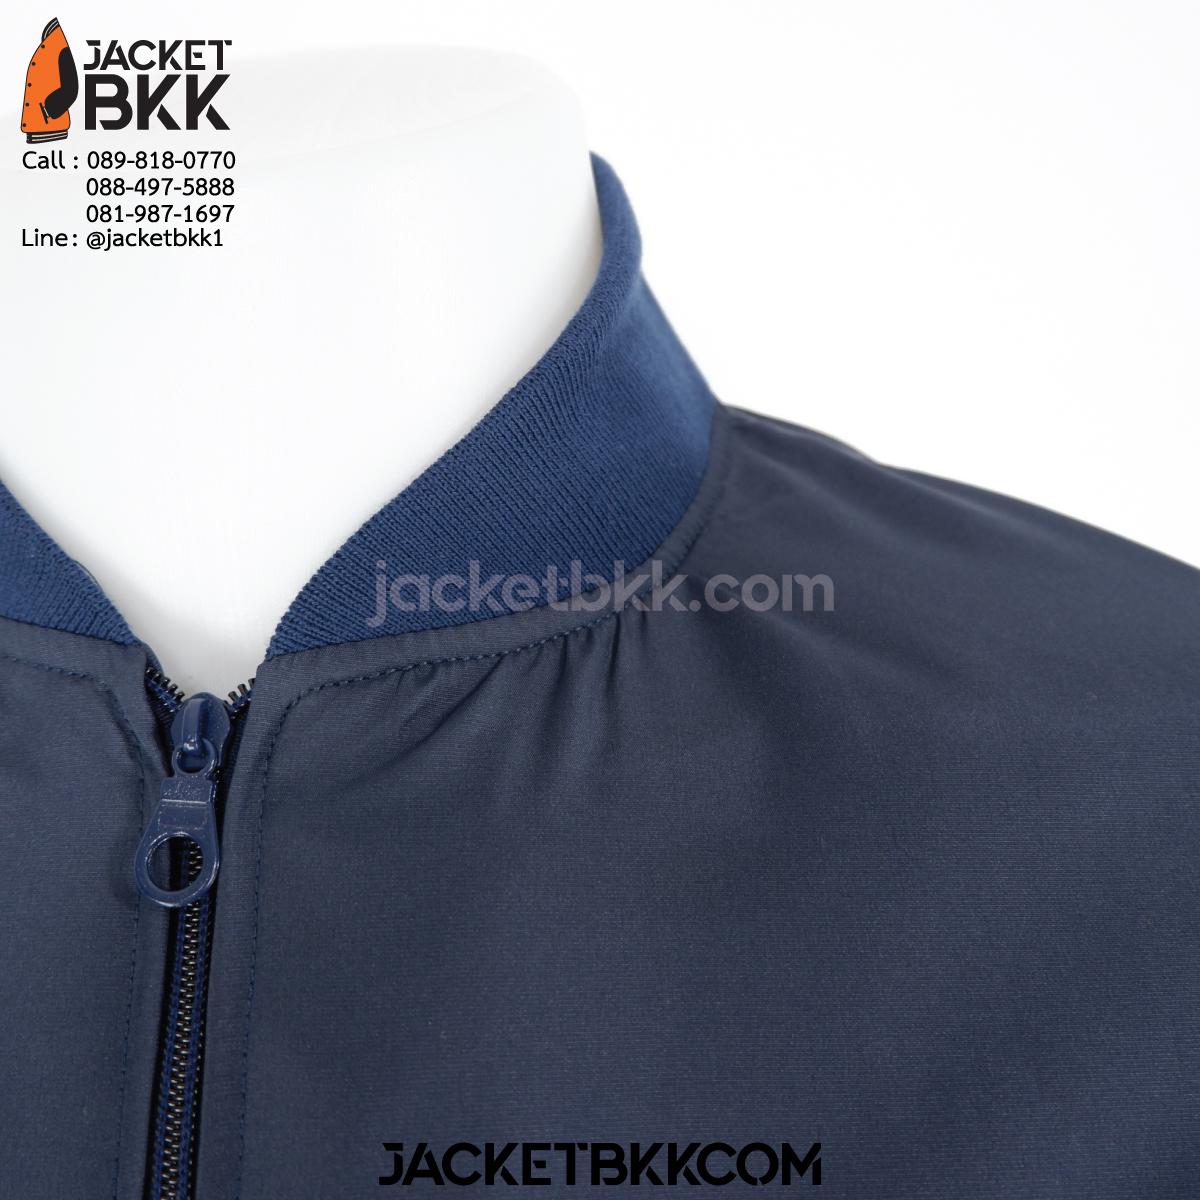 เสื้อแจ็คเก็ต ทรงเบสบอล แบบคอตั้งทอพรม สีกรมท่า